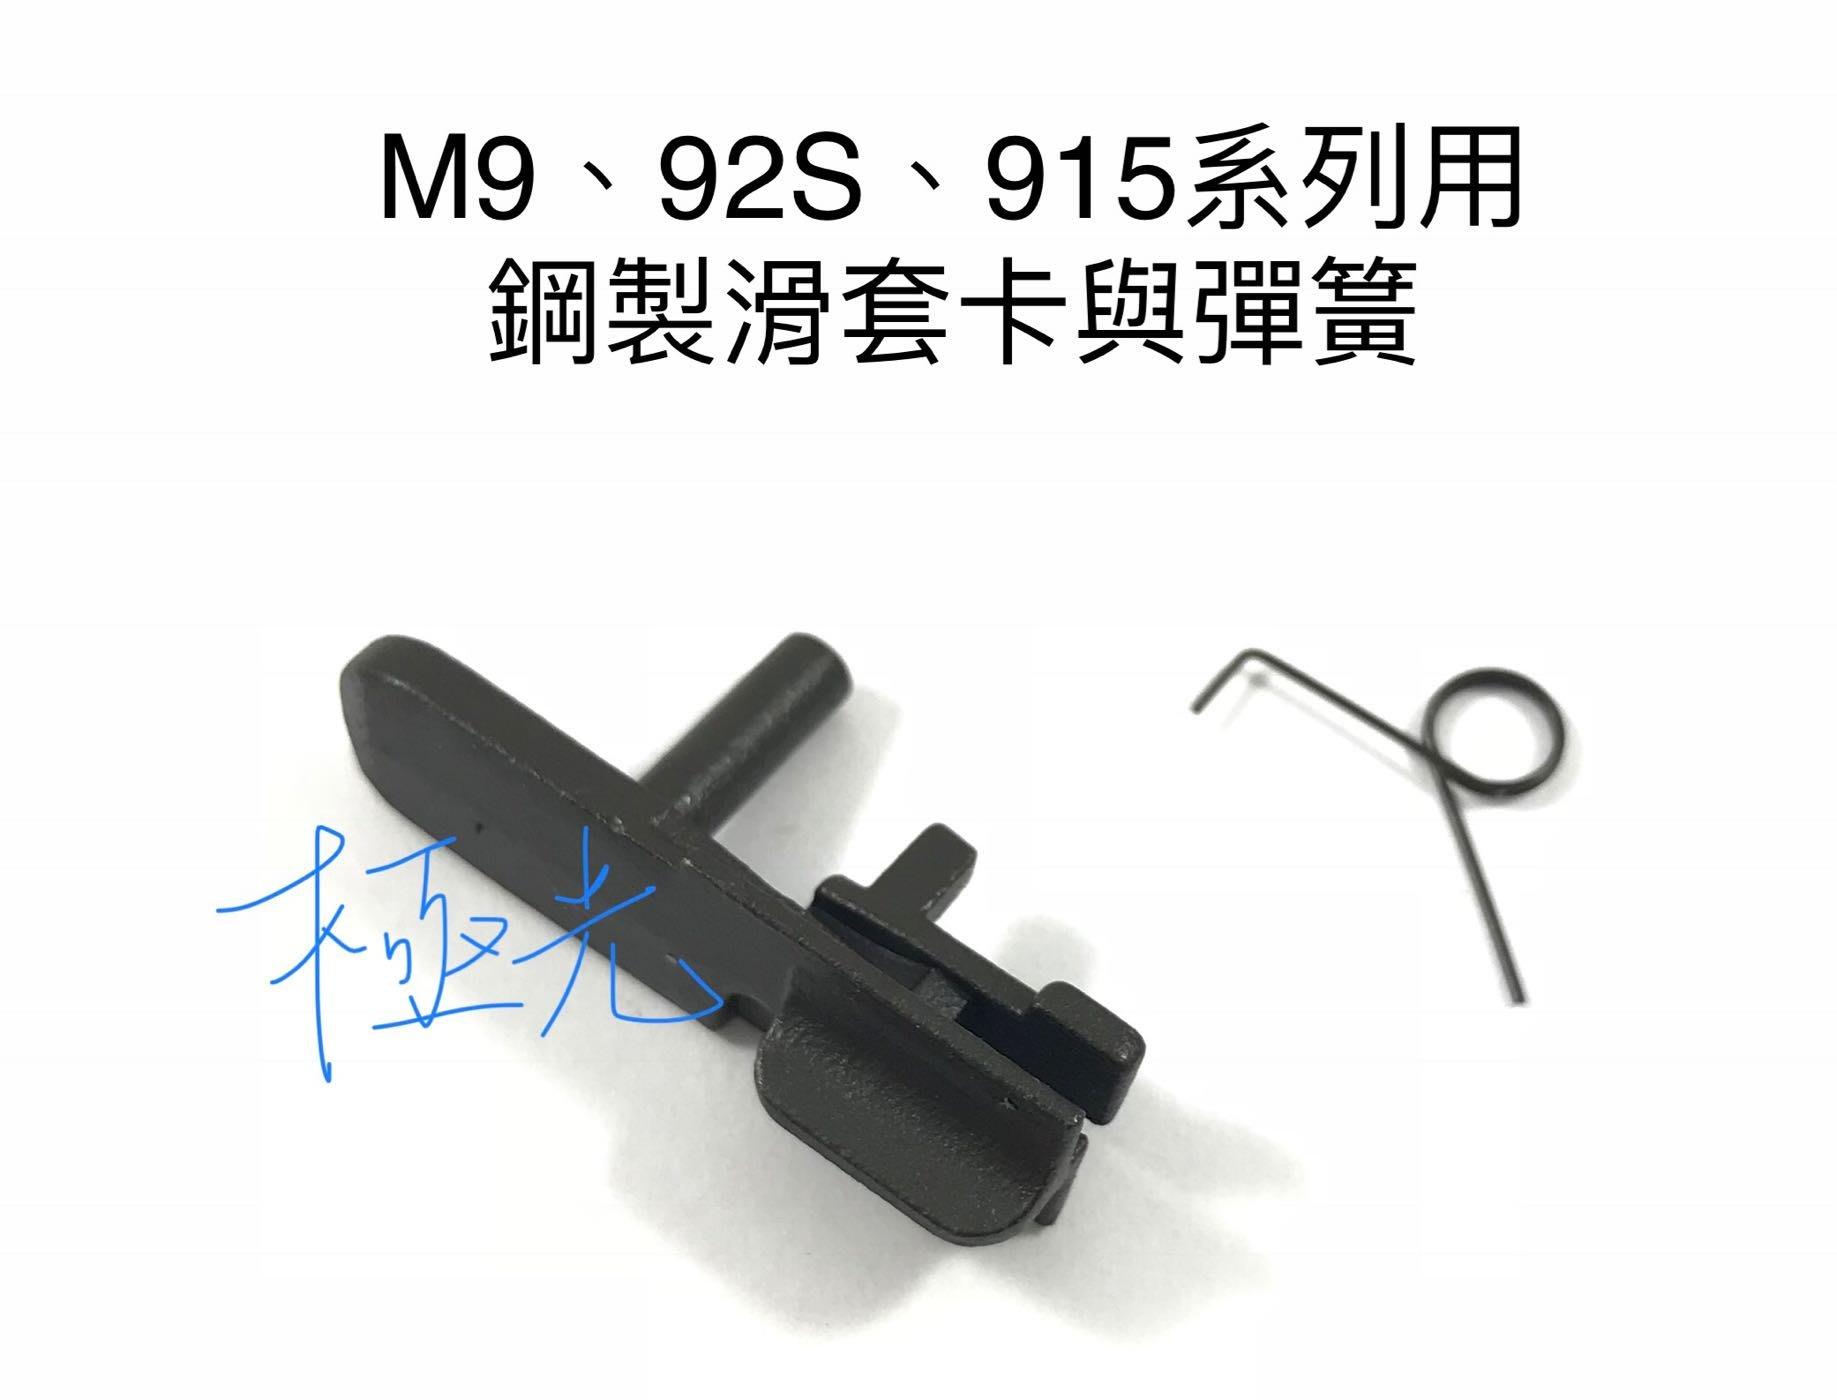 【極光小舖】 PB-915 JP-915 華山915 、M9專用鋼製滑套卡與彈簧組 @特價@#A